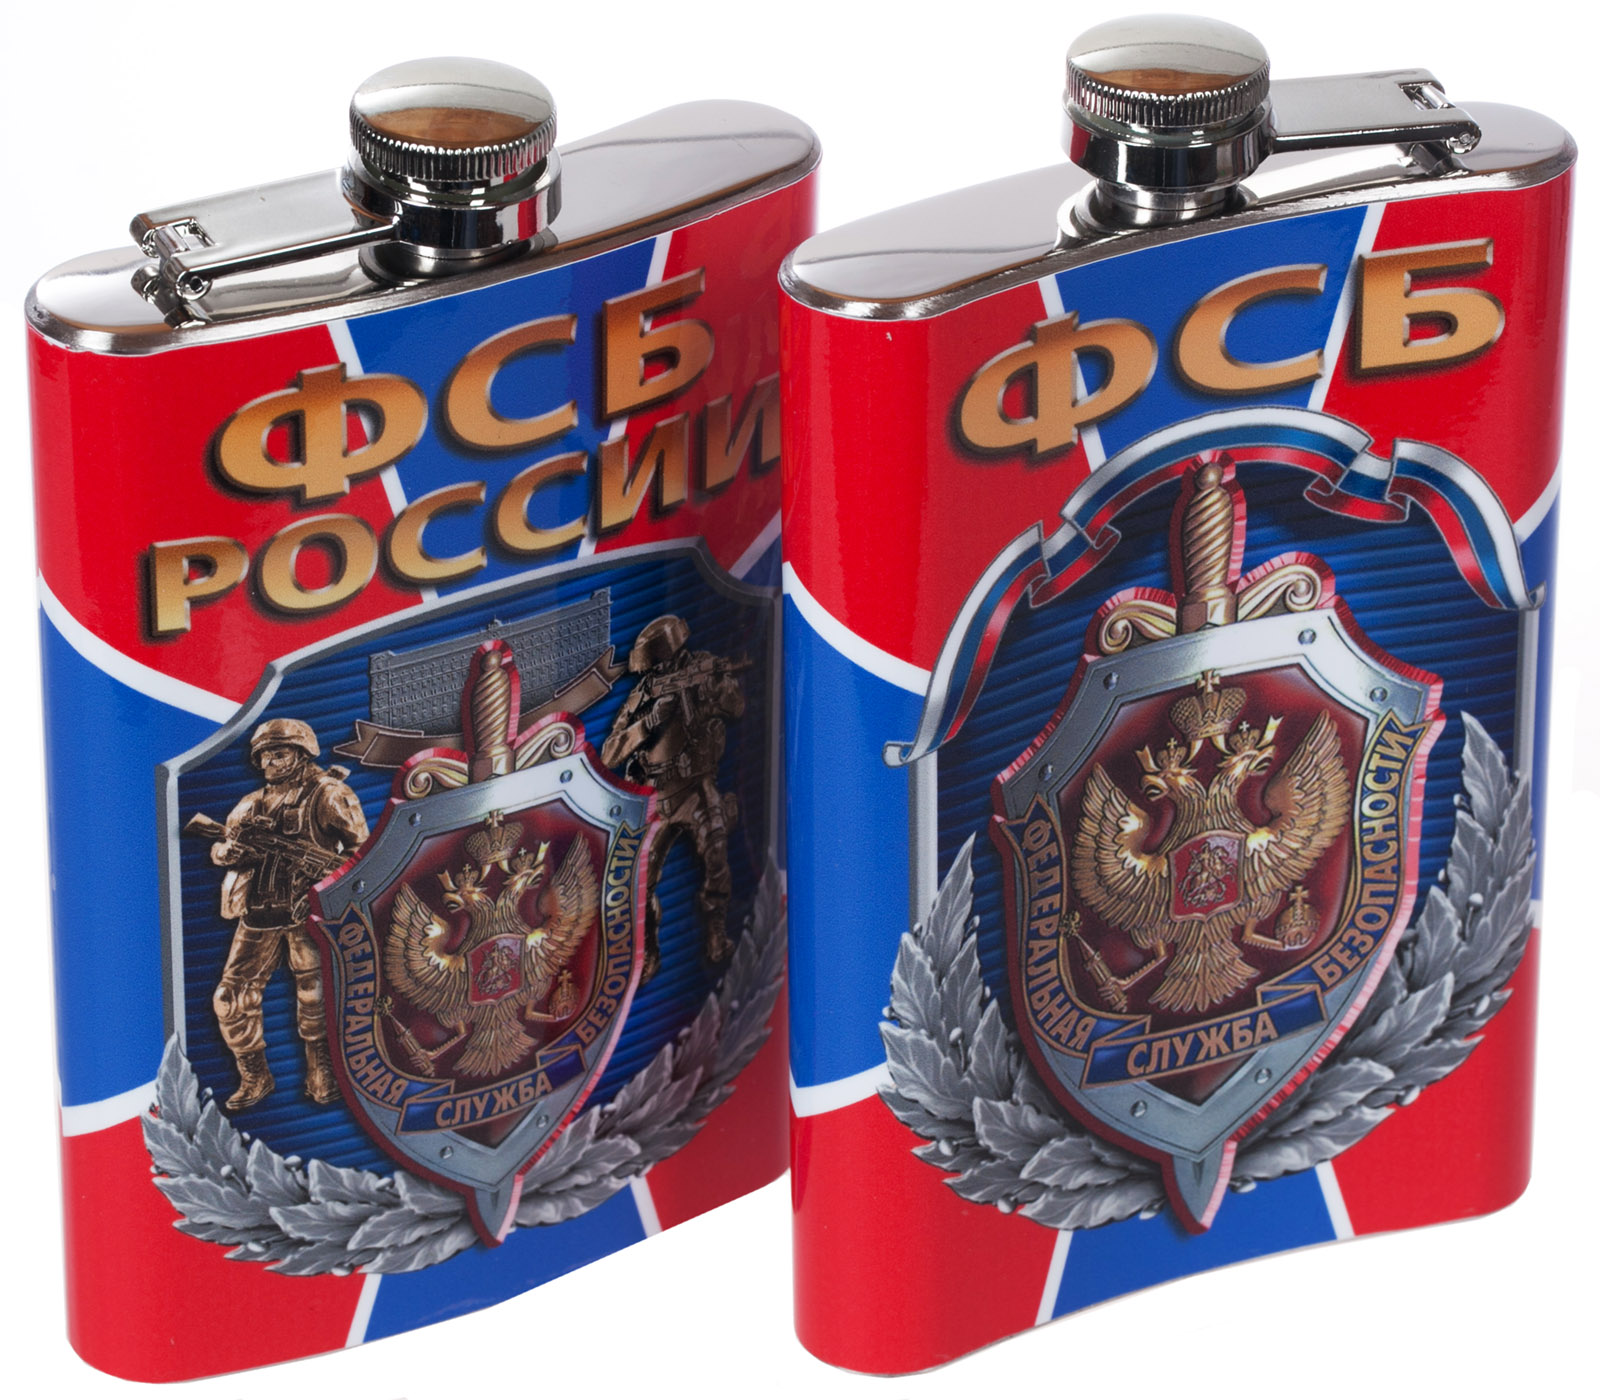 Заказать фляжку с гербом ФСБ с доставкой по России